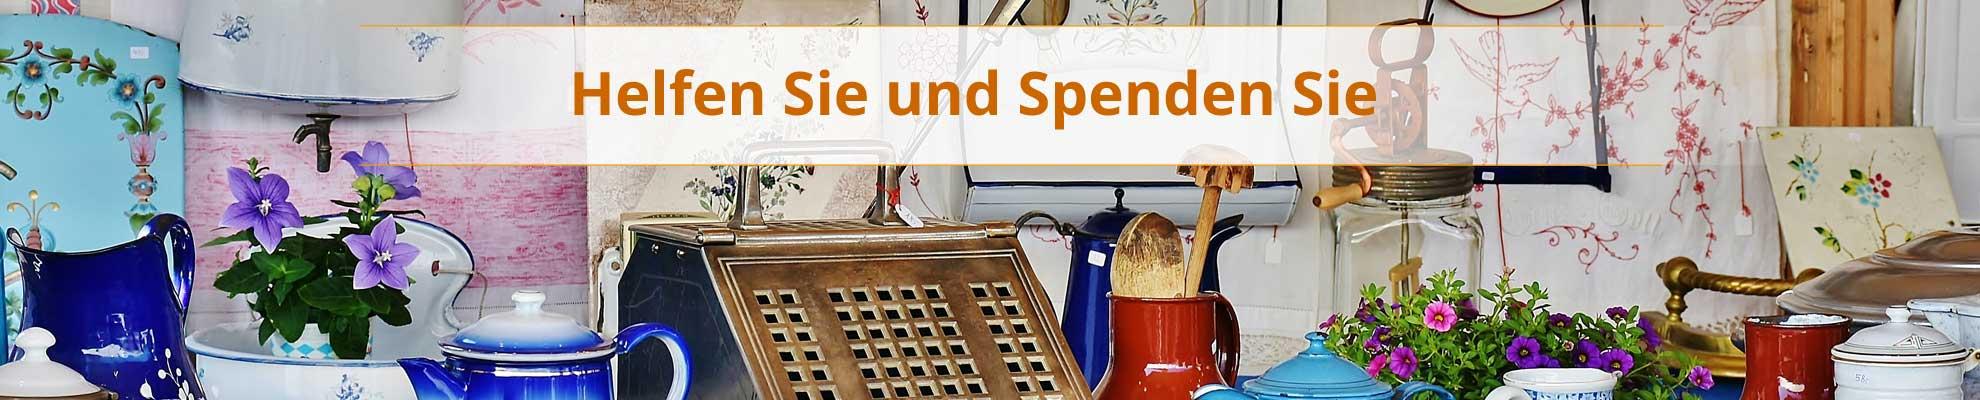 Magazin Halsenbach - Helfen und Spenden